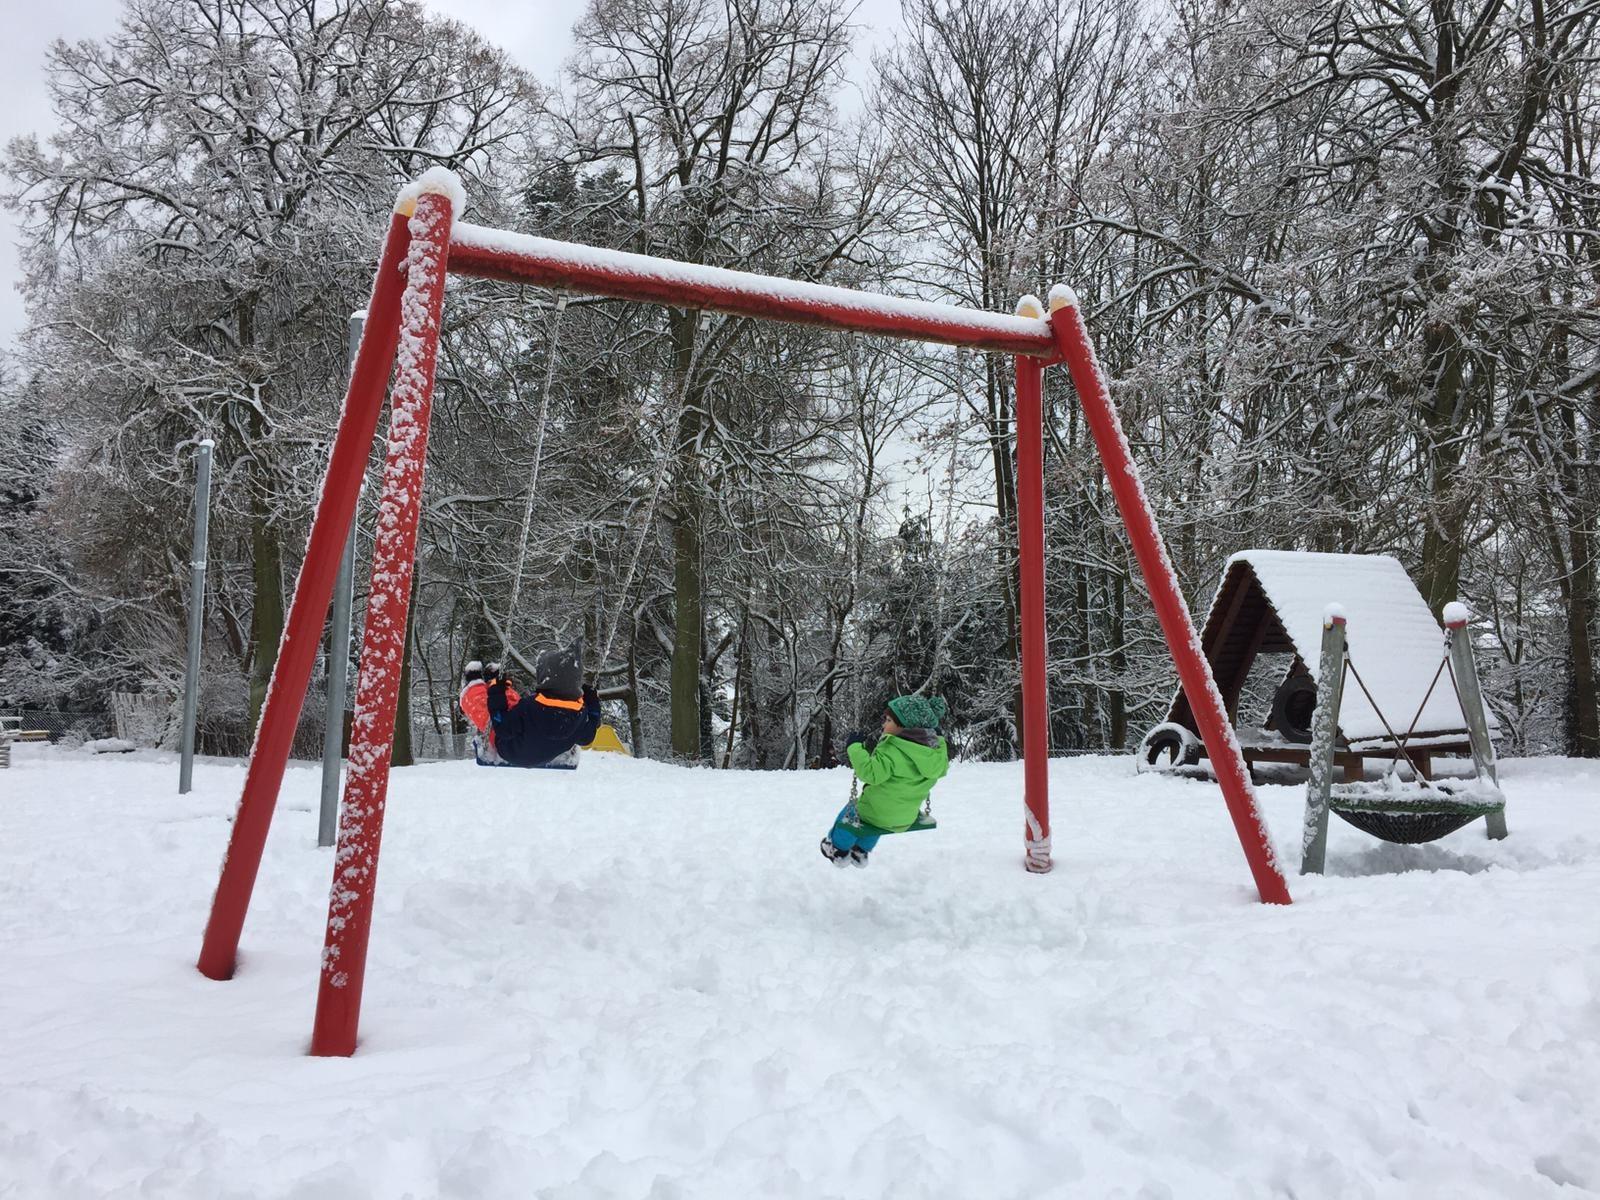 Kita_Schnee2